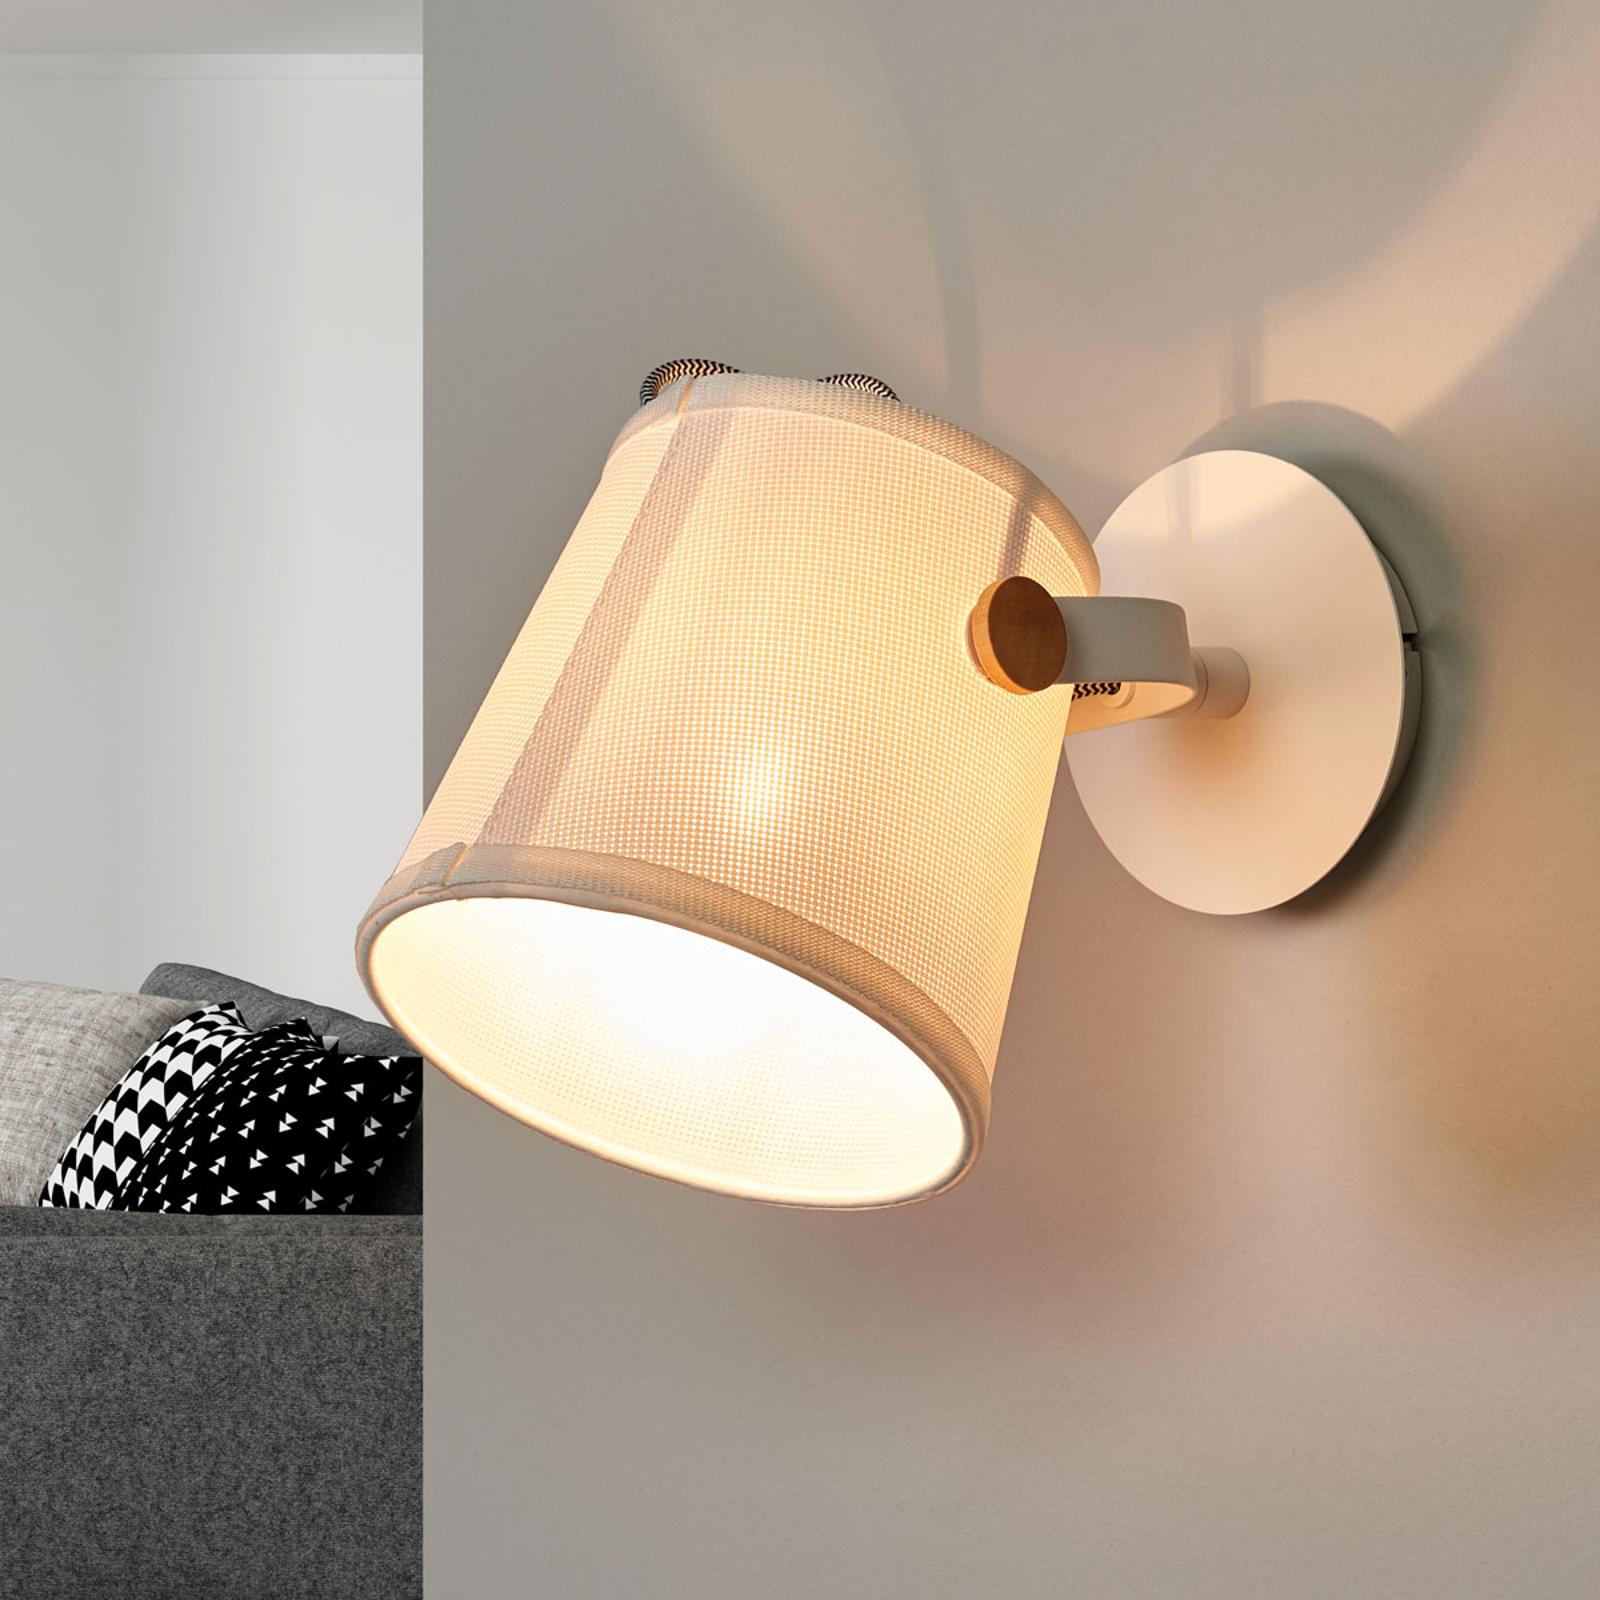 Wandlamp Nordica met textiel lampenkap